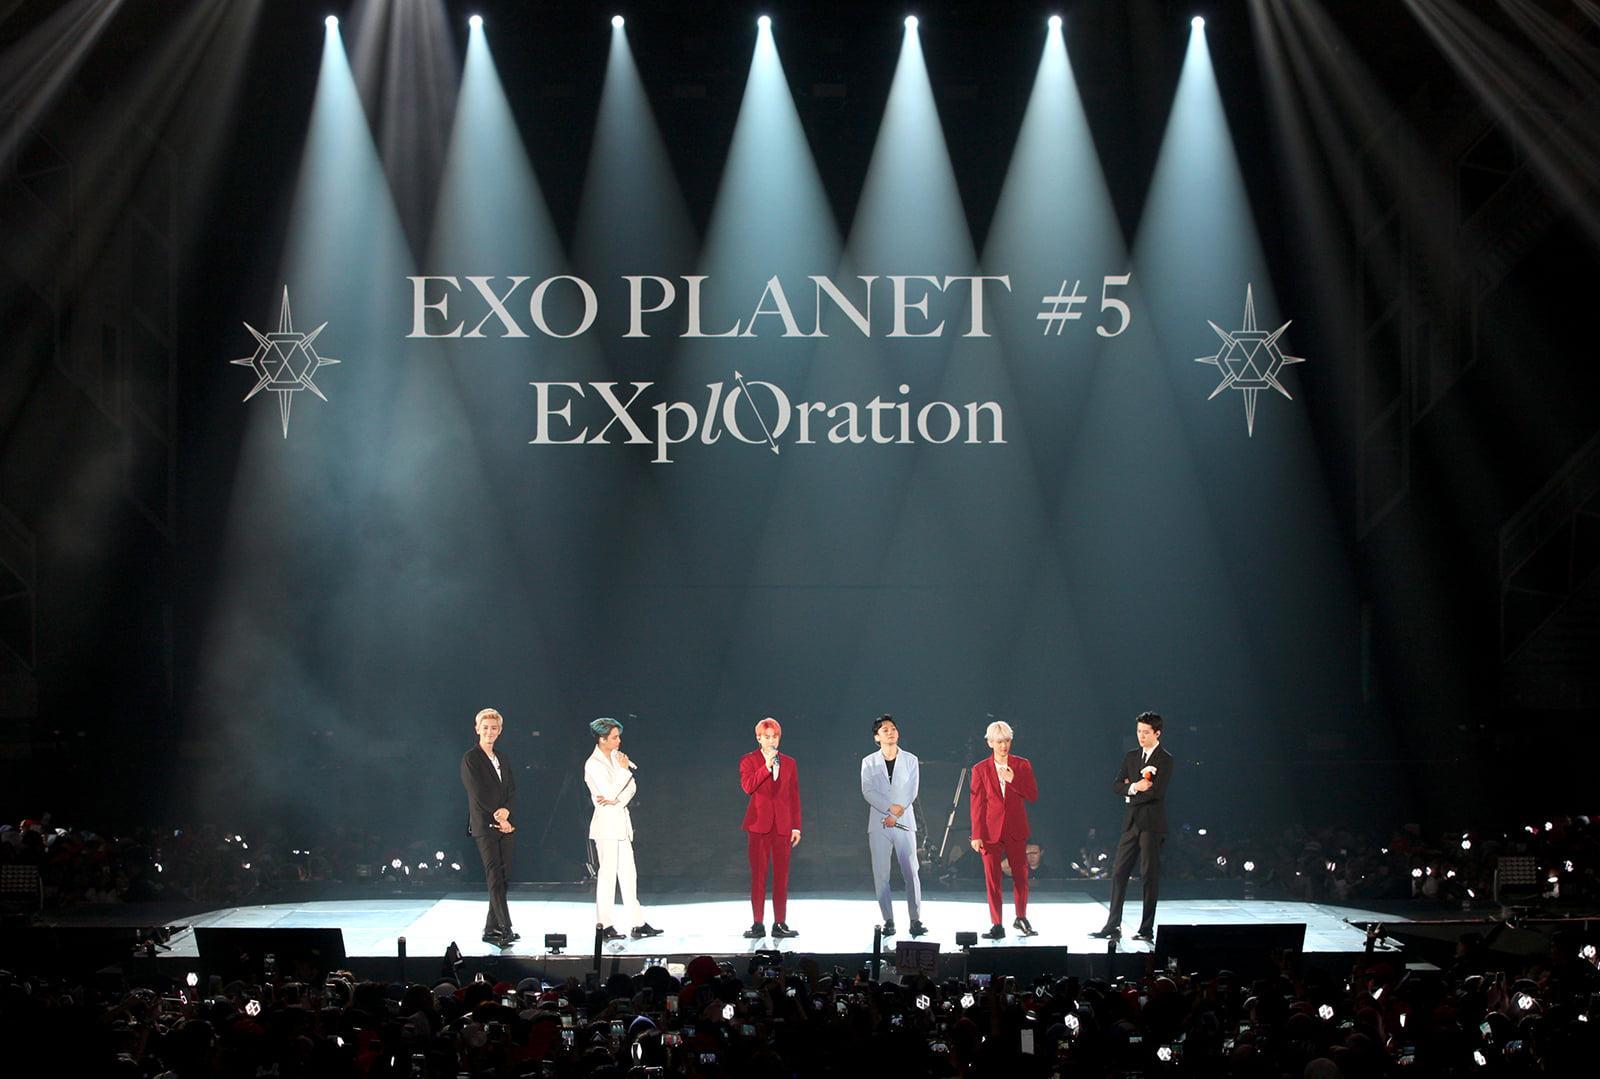 exo, exo profile, exo height, exo members, exo weight, exo comeback, exo obsession, exo concert, exo exol